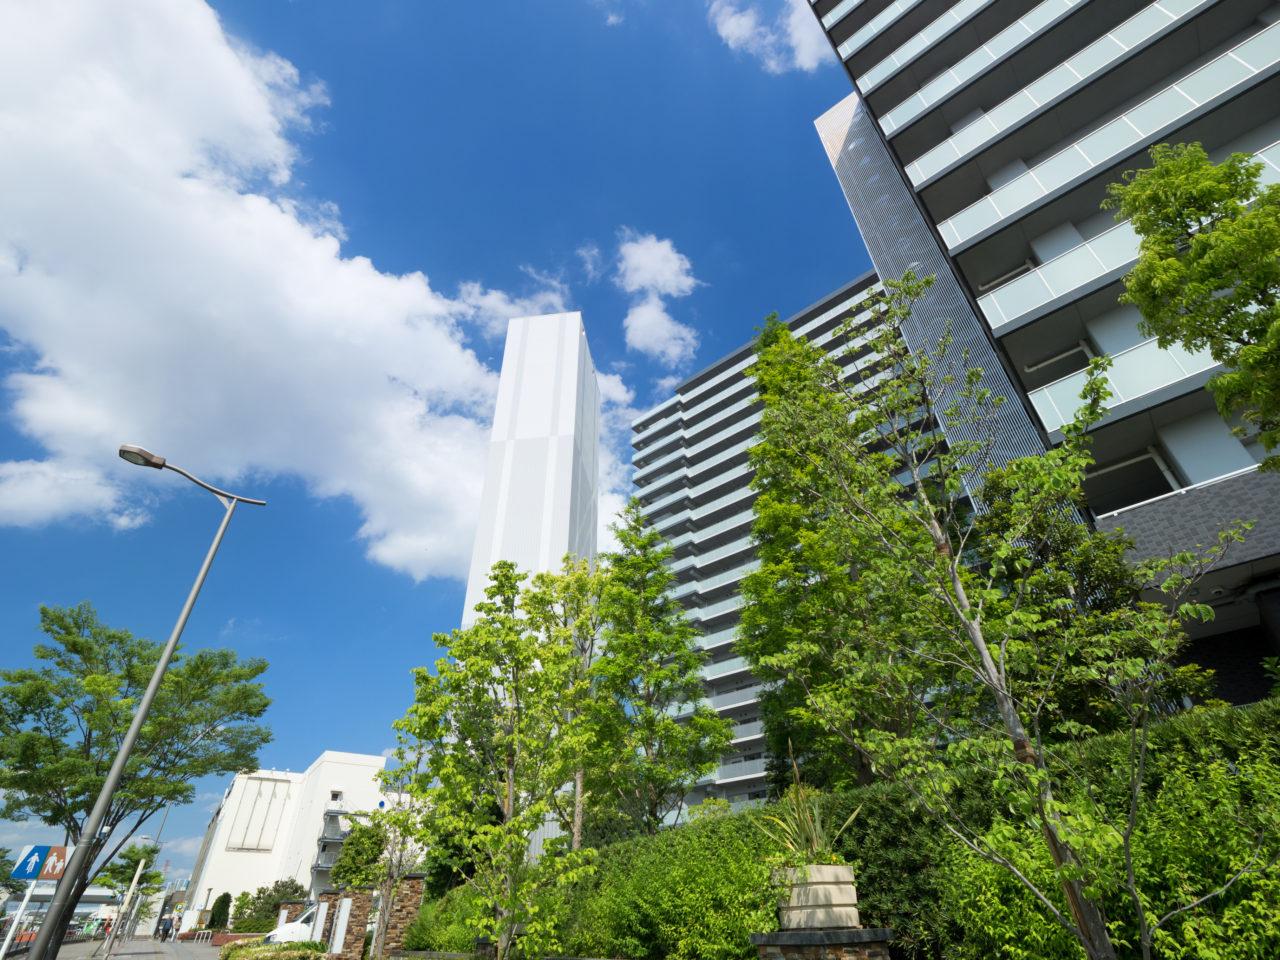 東京の都心(23区)と郊外(市部)の不動産投資、メリットとデメリット